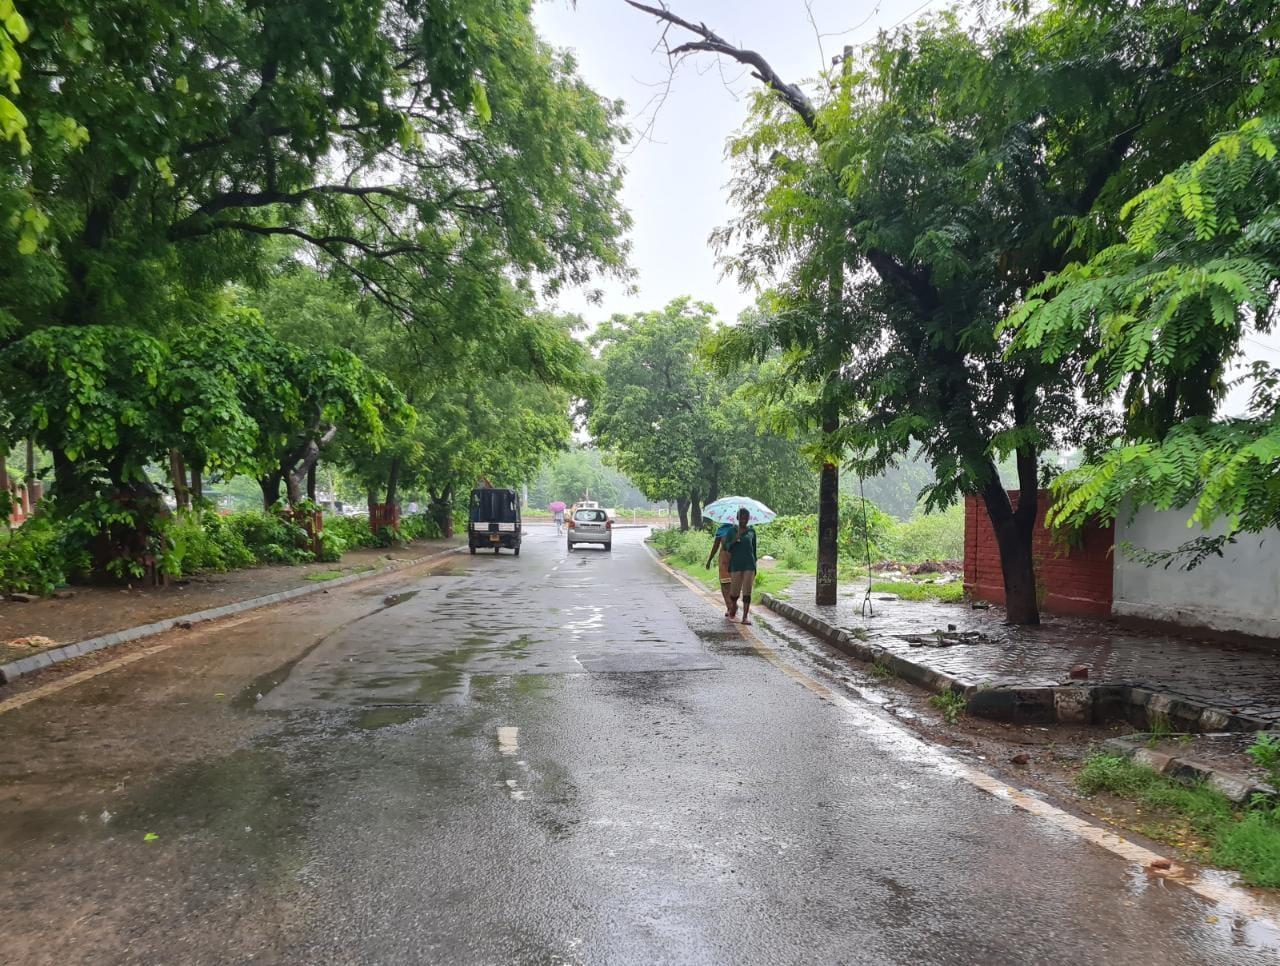 रातभर होती रही झमाझम बारिश, सुबह 7 बजे तक बरसे बदरा; 4 डिग्री गिरा तापमान, दिनभर पानी बरसने के आसार|रेवाड़ी,Rewari - Dainik Bhaskar